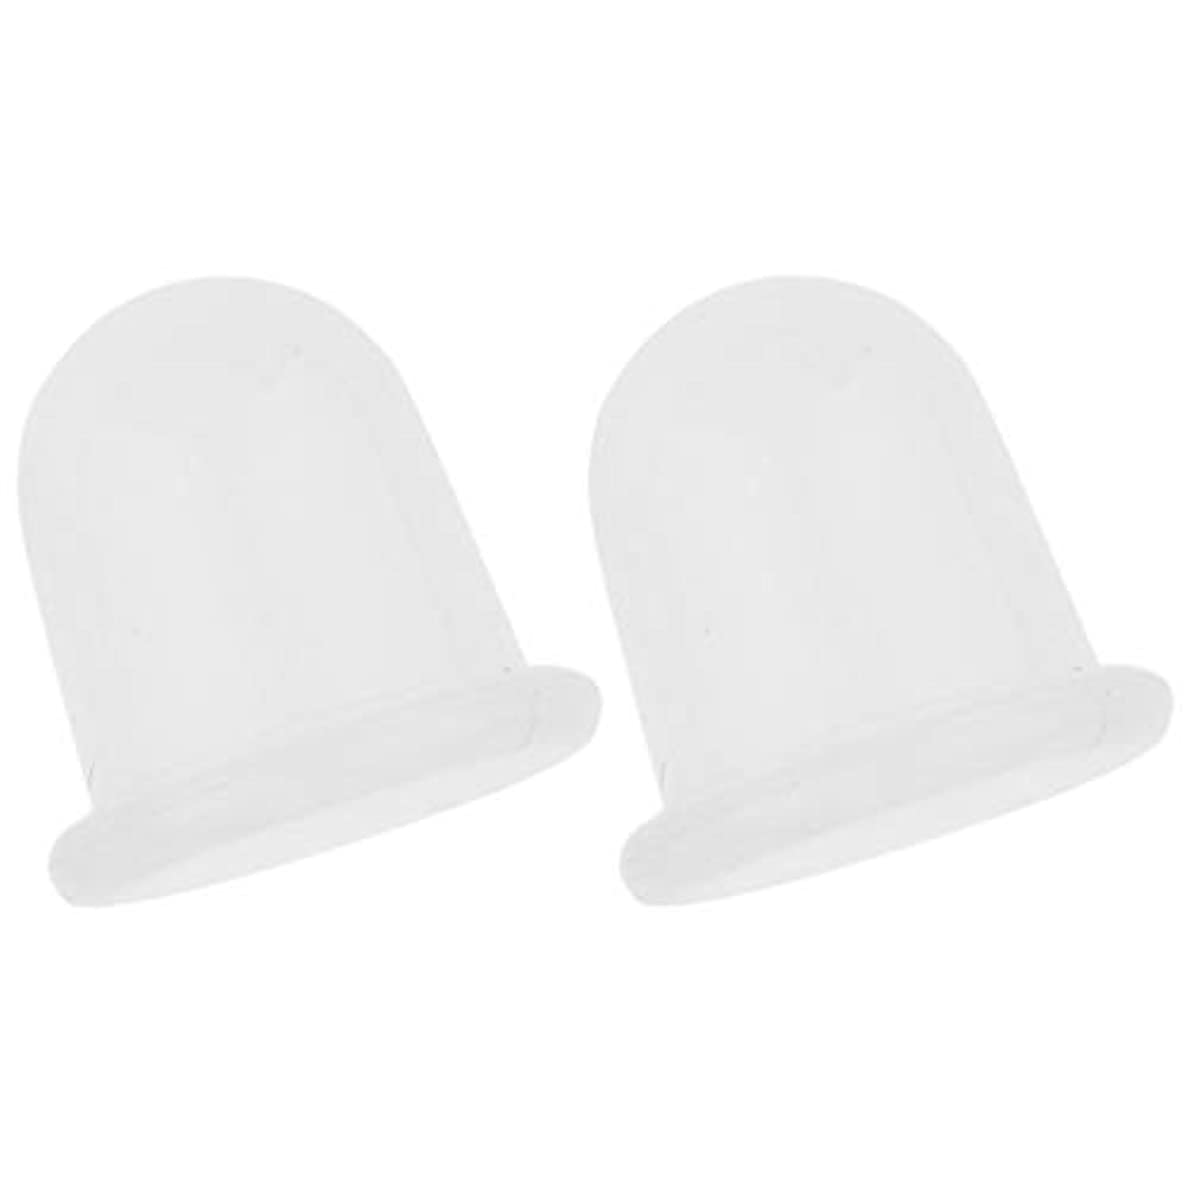 に賛成ノミネートイサカボディー ビューティーストレス 空カップ 吸い玉 真空カッピングカップ 持ち運び 可能 汎用 2個入り